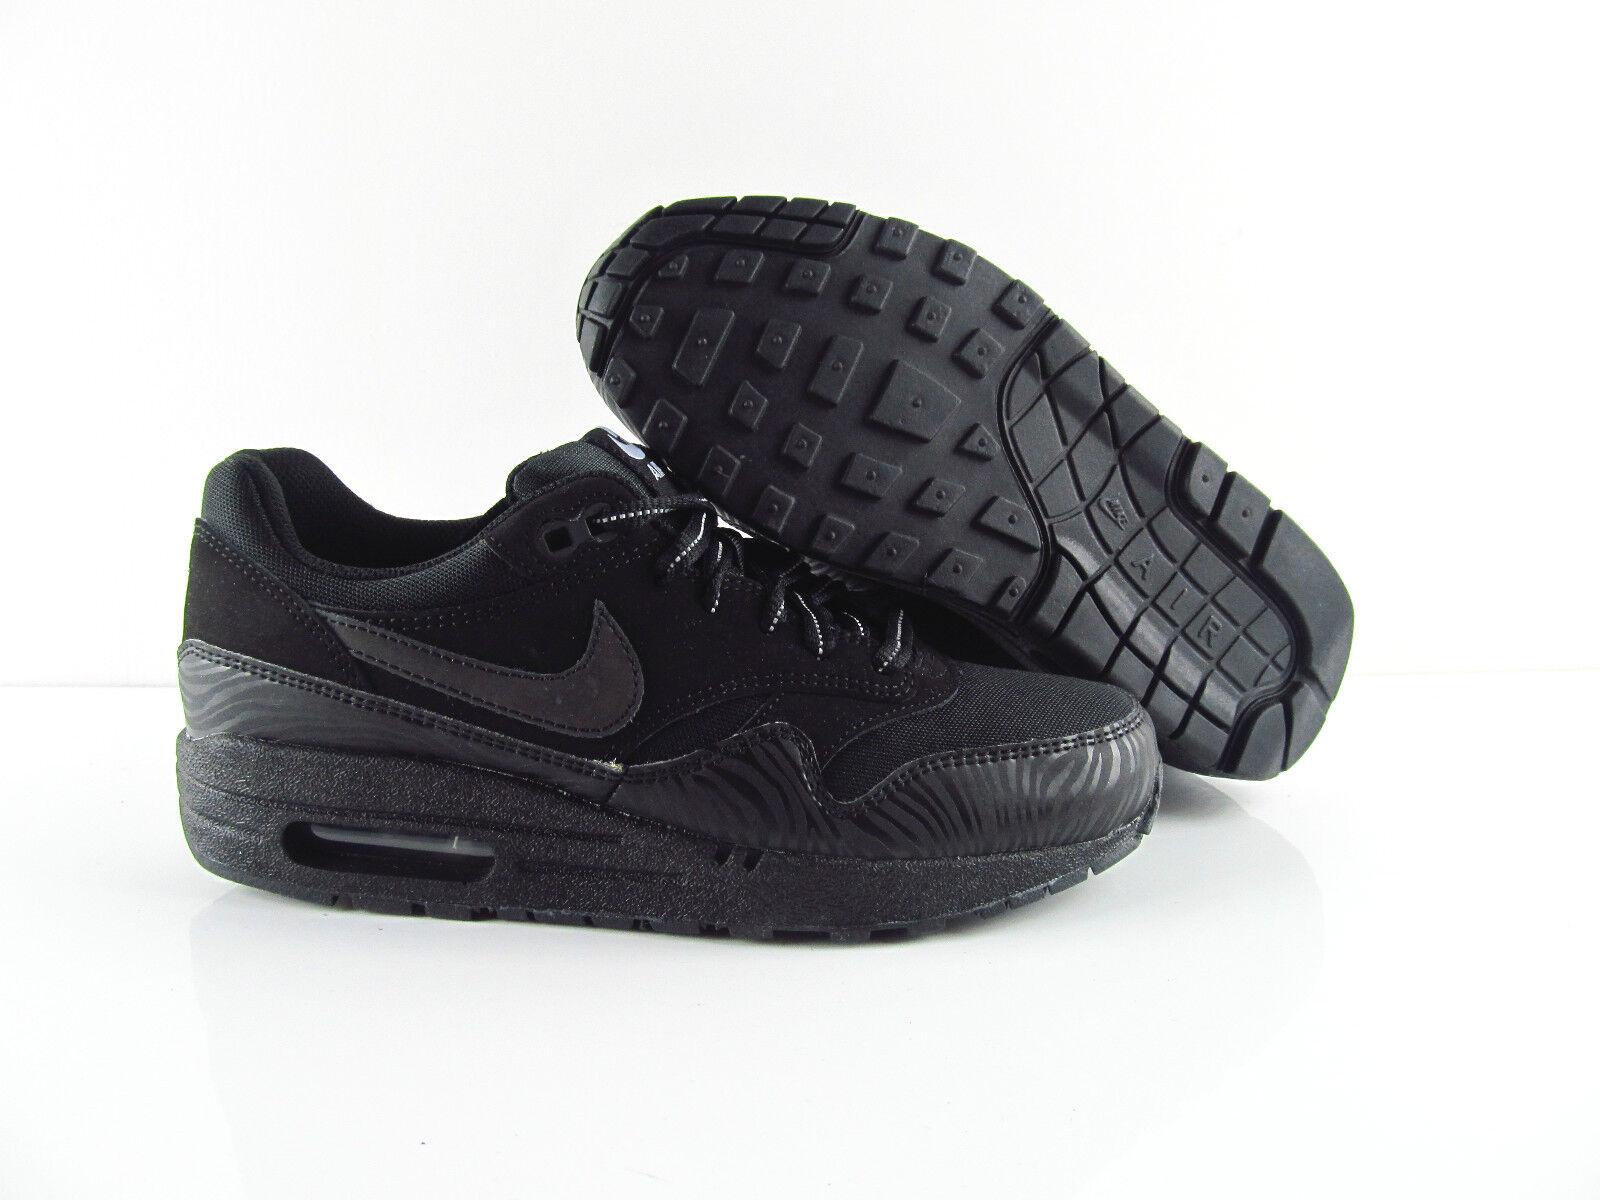 Nike Air Max 1 Zebra Fekete Reflektív 3M Sneaker Schuhe Neu Rare Eur 36.5